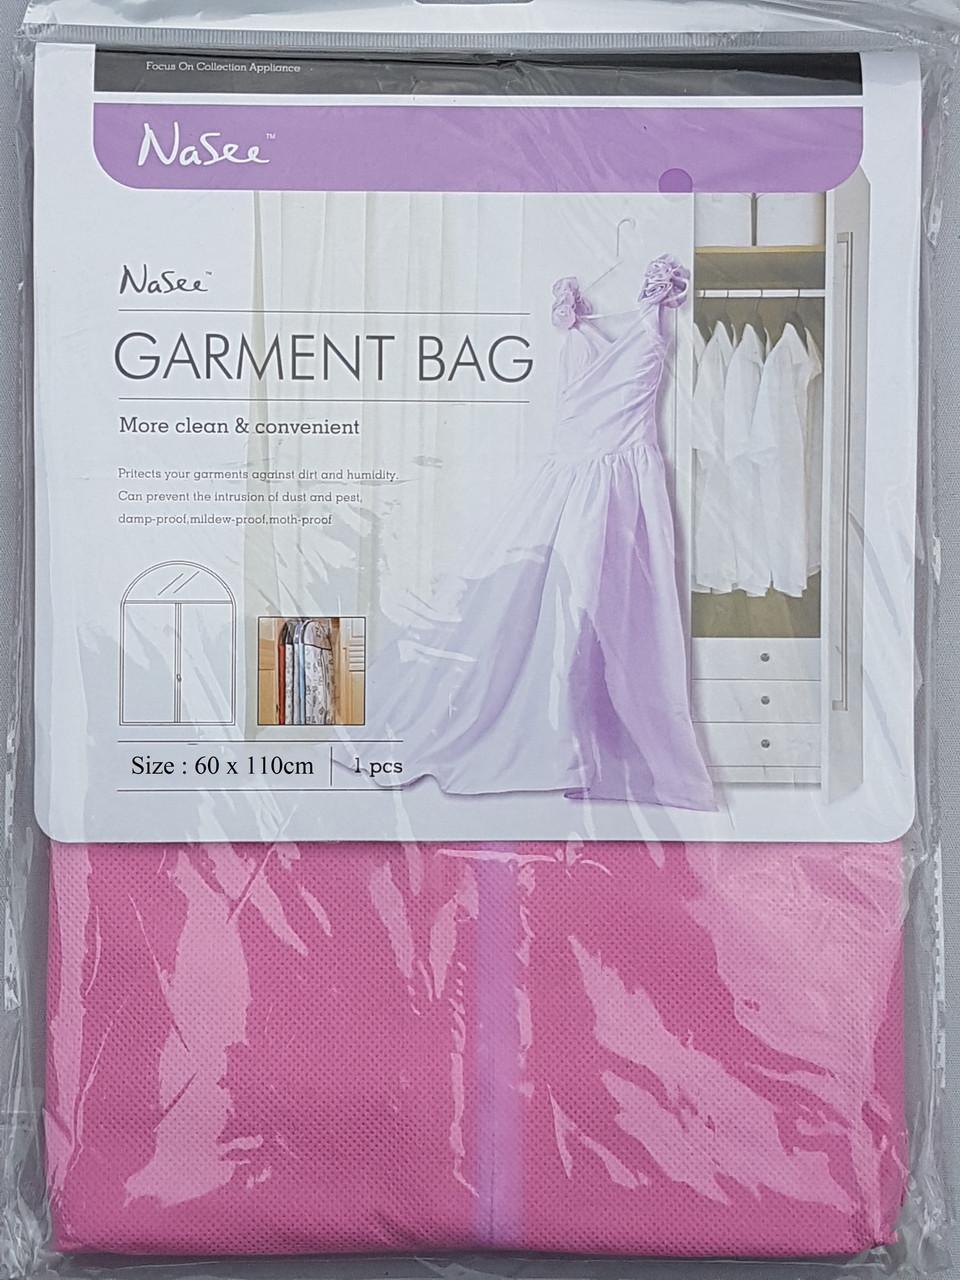 Чехол для хранения одежды флизелиновый на молнии розового цвета, размер 60*110 см